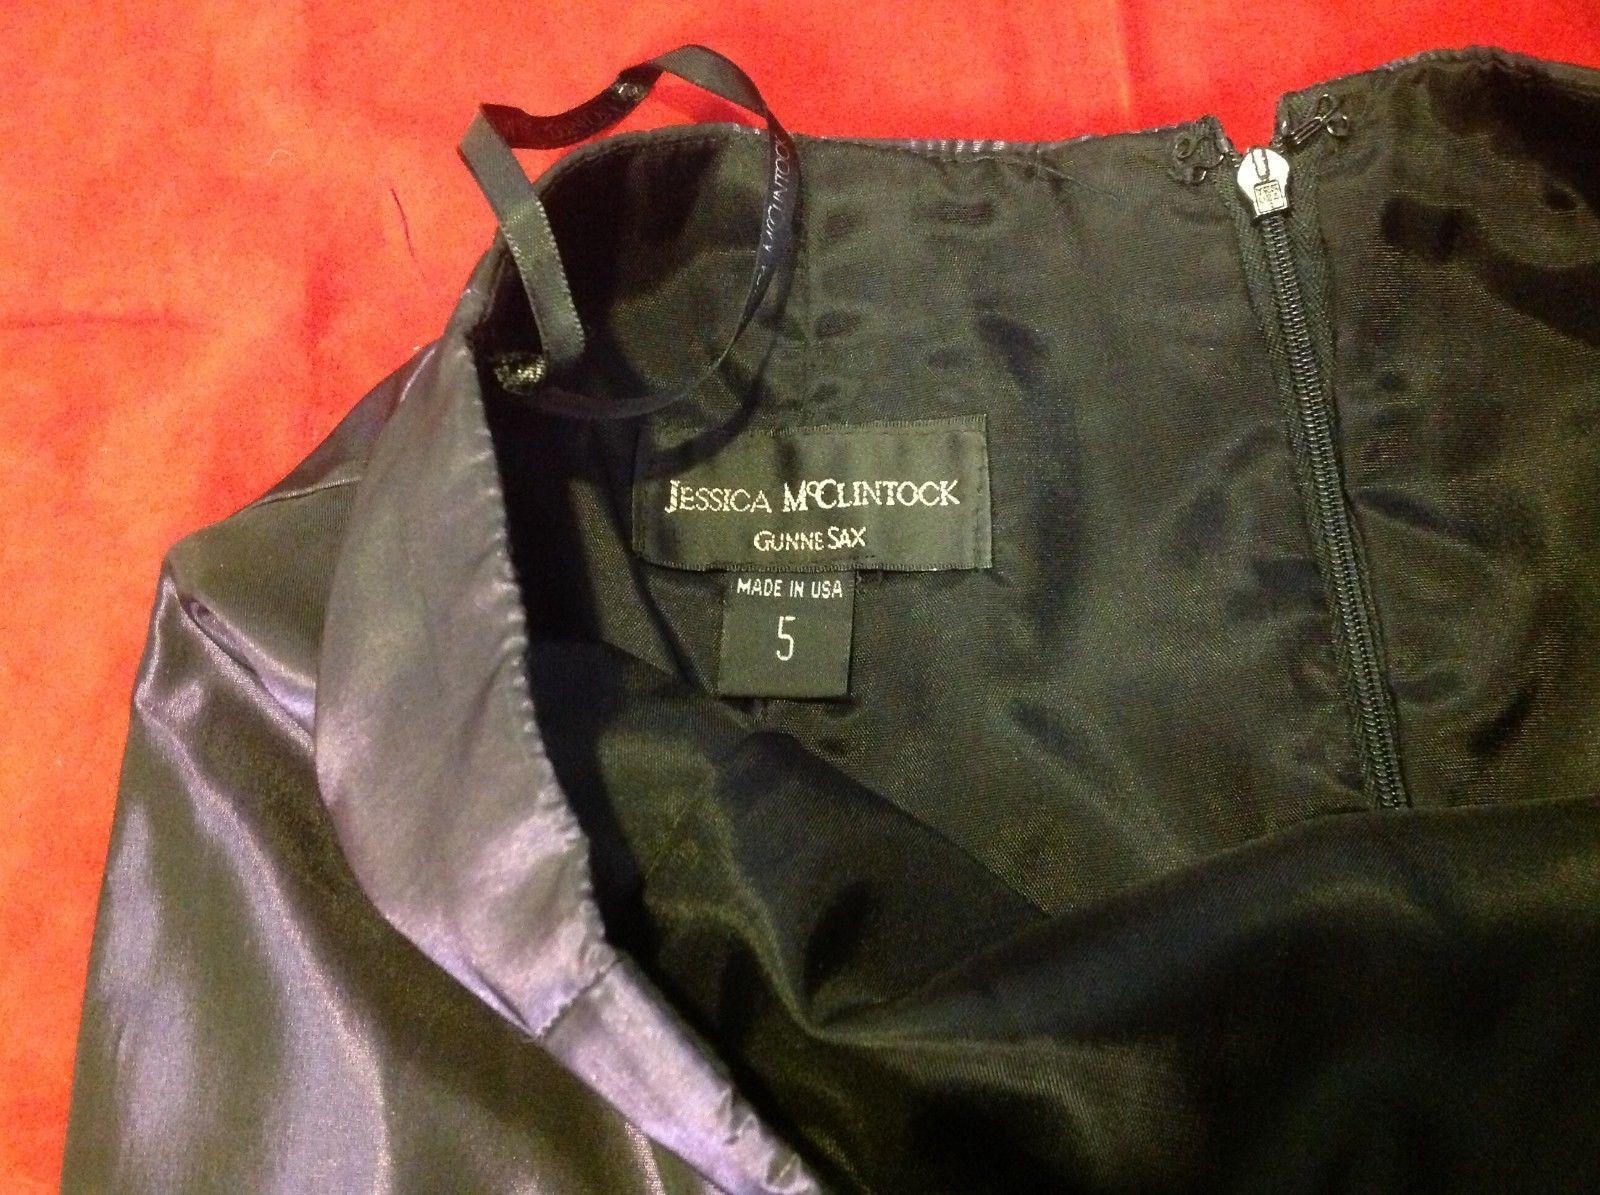 Jessica McClintock onix full skirt size 5